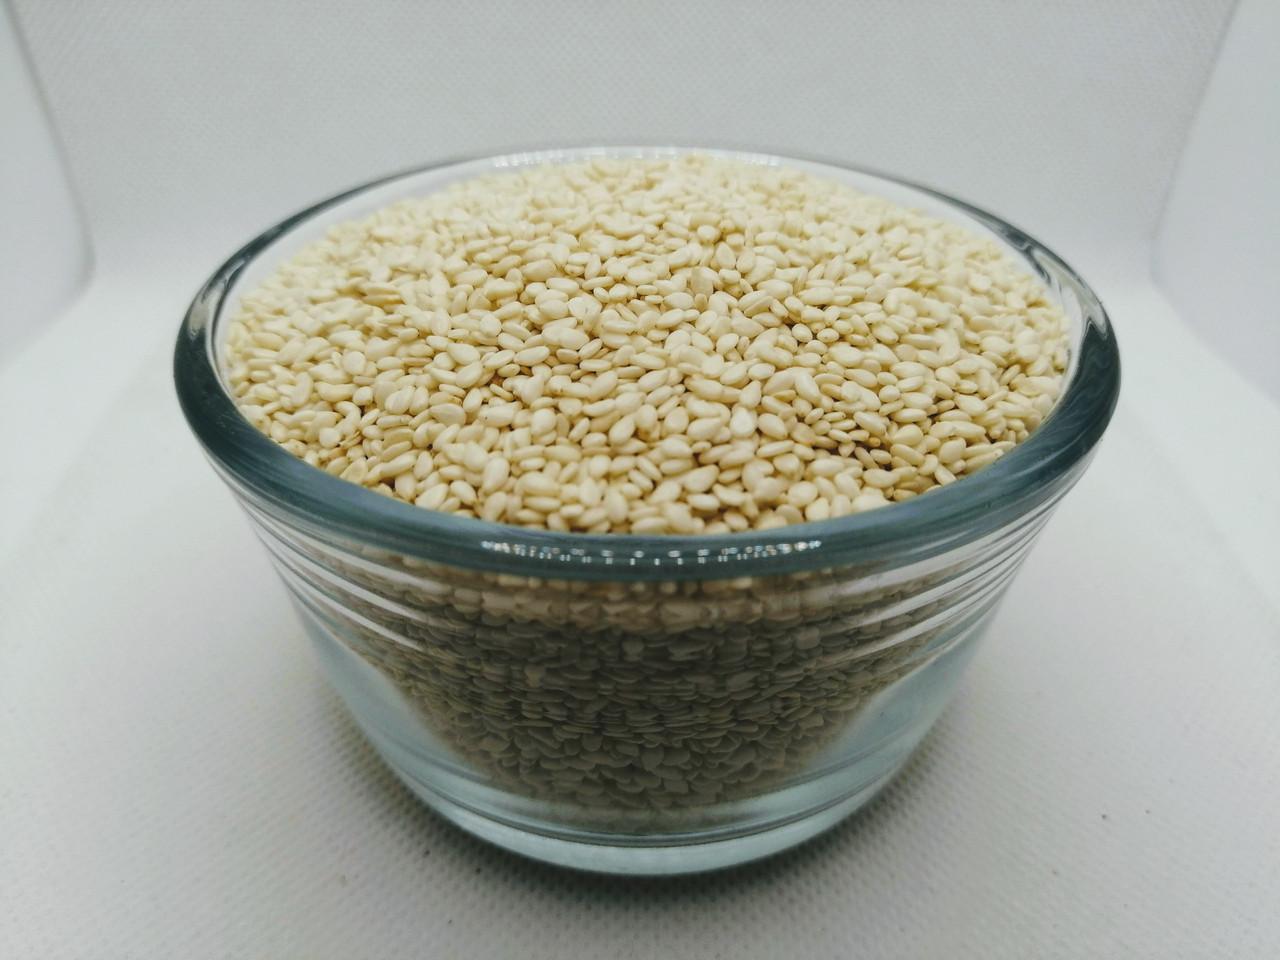 Кунжут белый семена 500 г